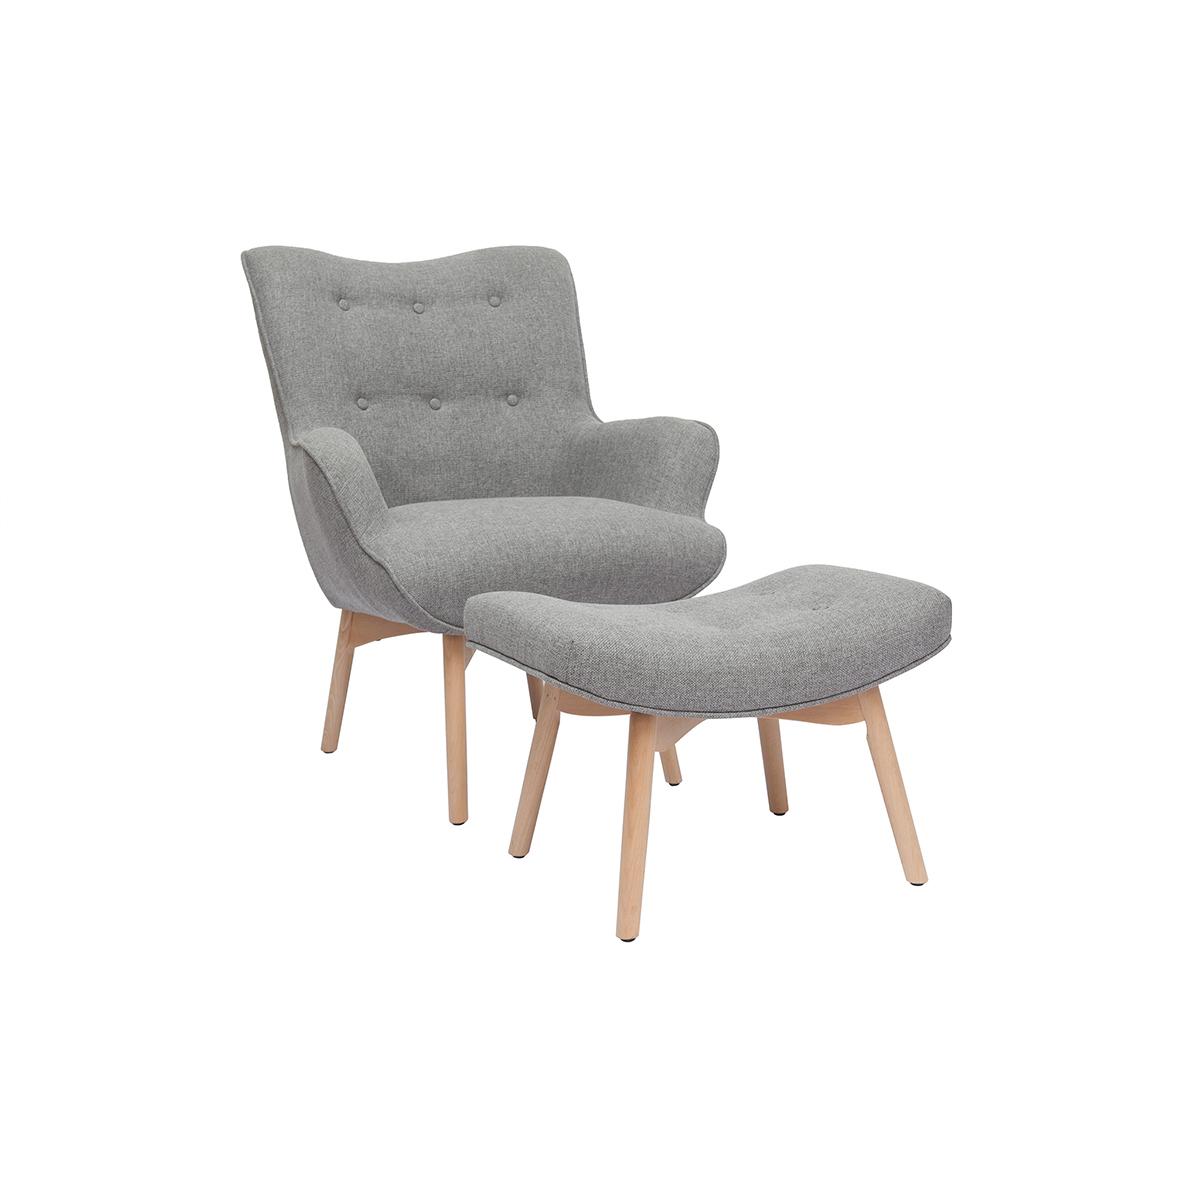 Poltrona design scandinava con poggiapiedi grigio chiaro e legno chiaro BRISTOL